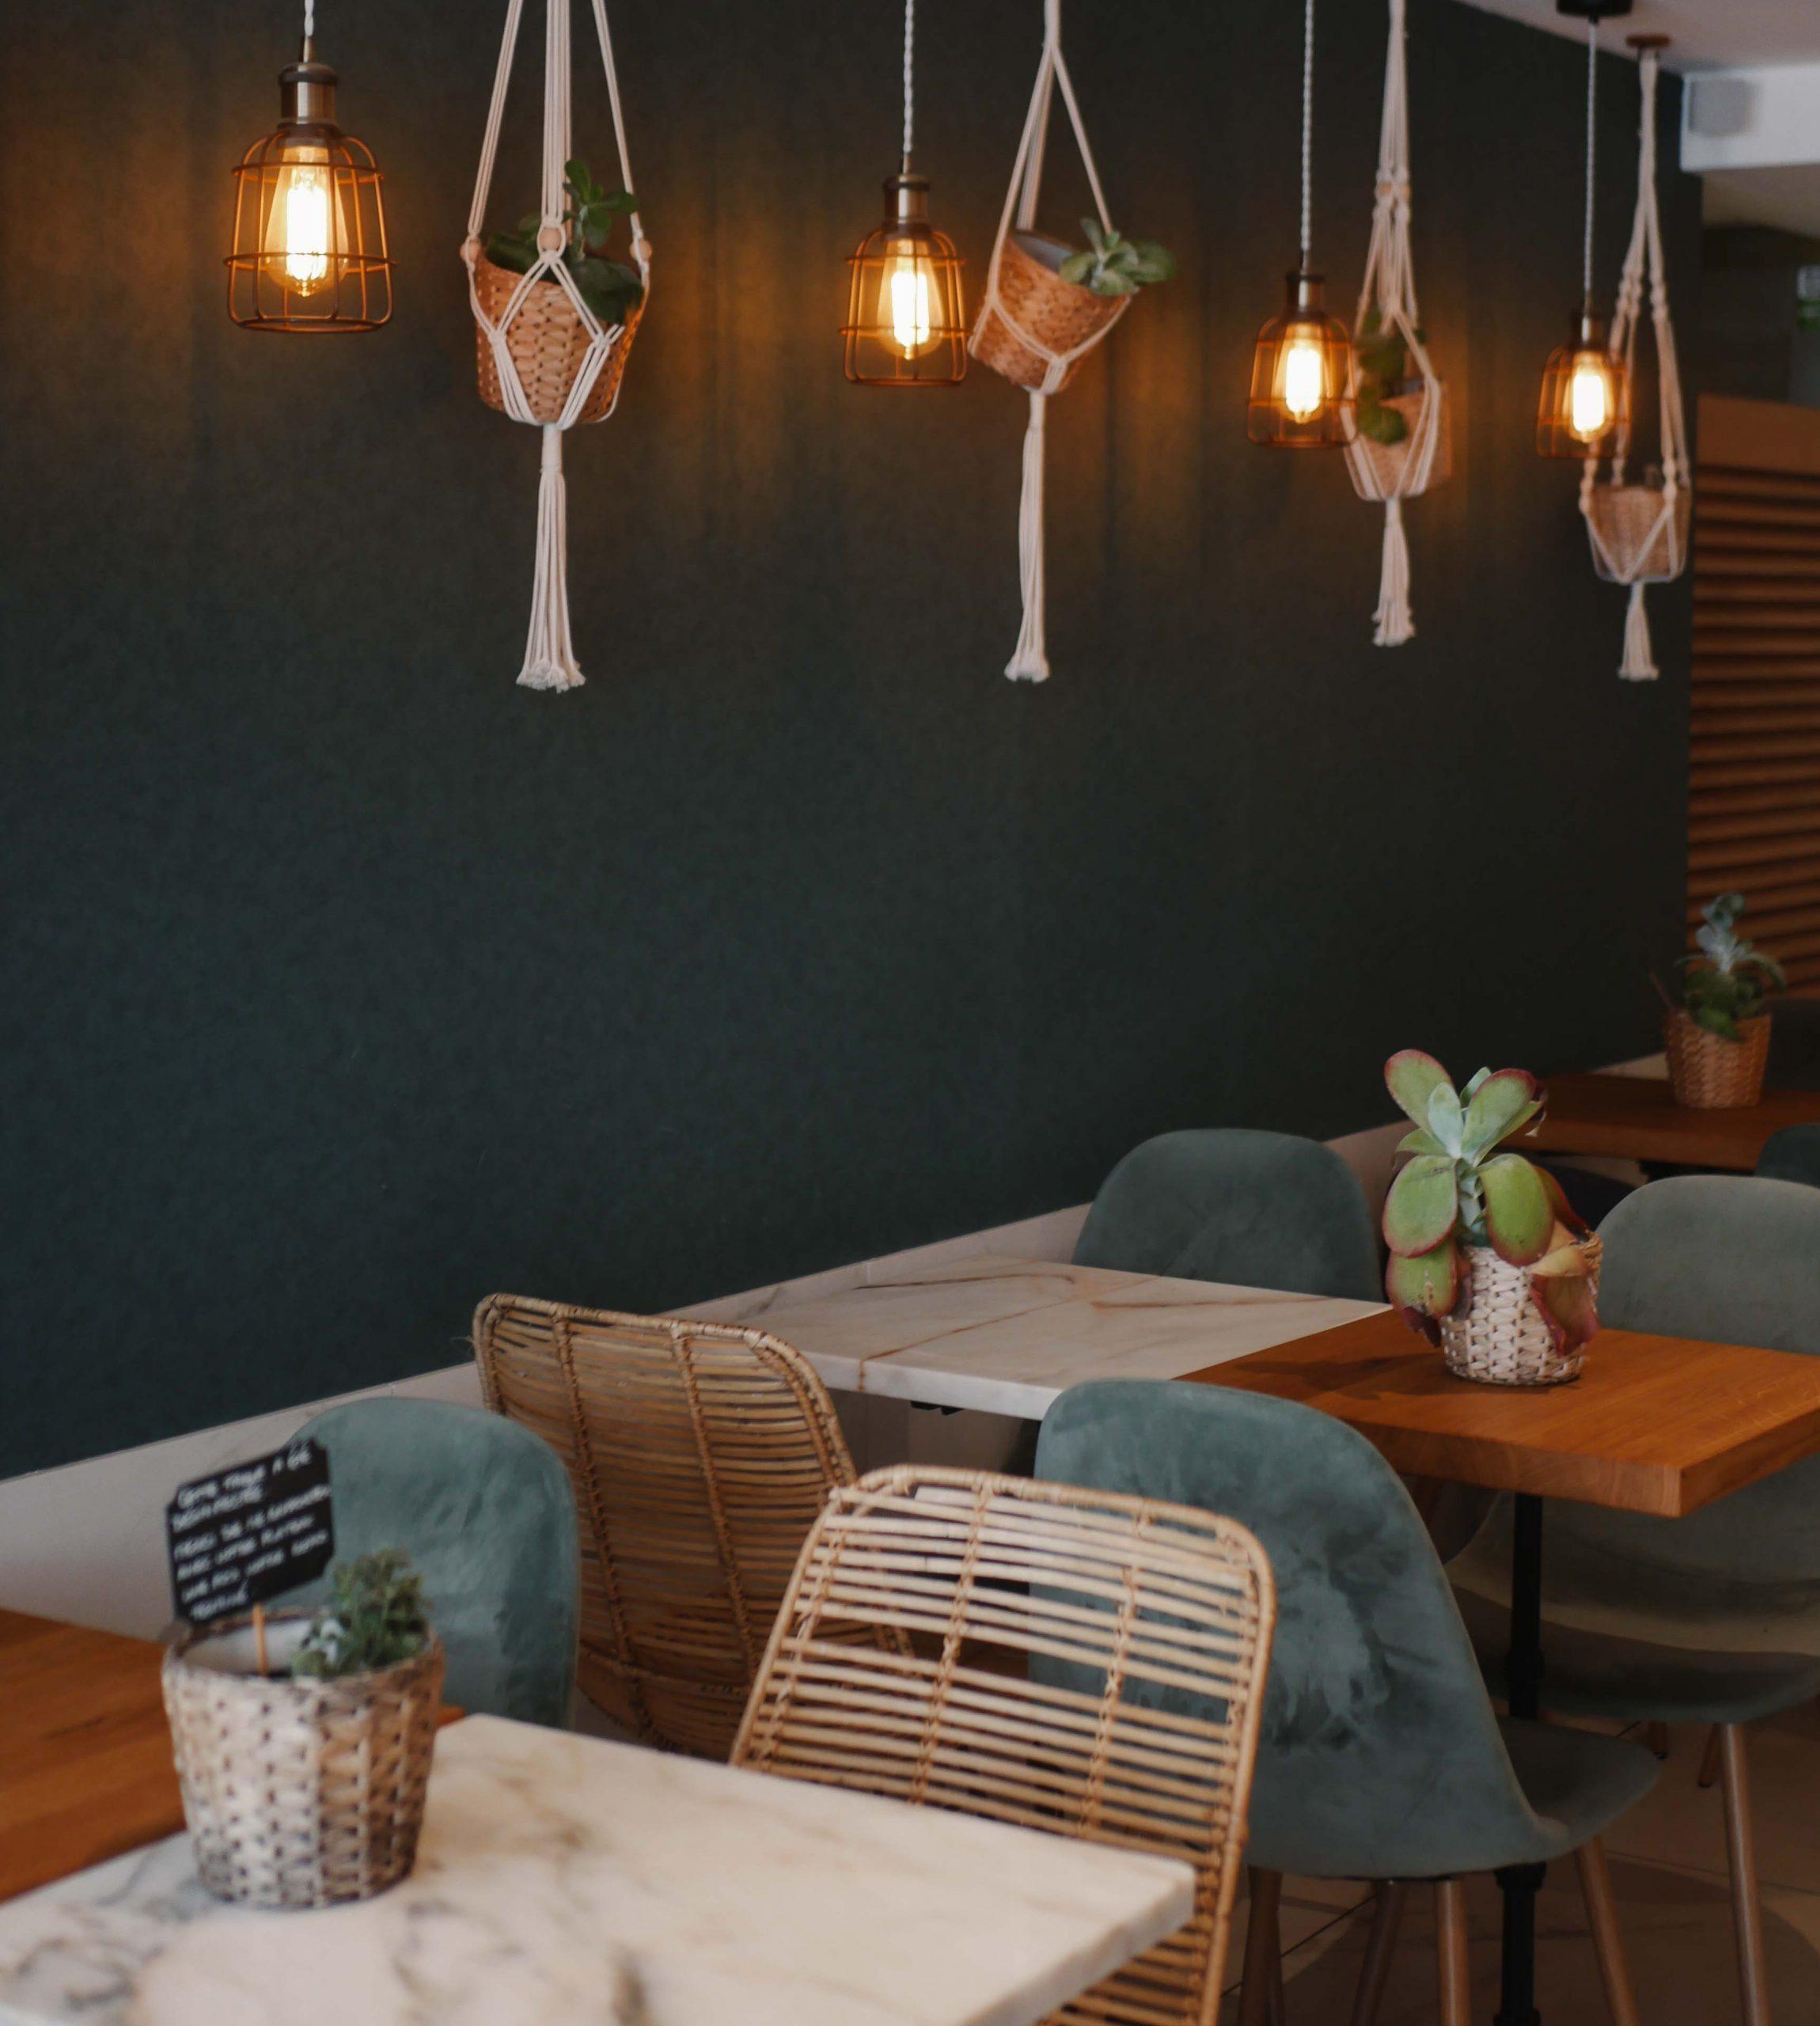 Camping Südfrankreich, Restaurant Green Cantine Innen, Tische und Stühle